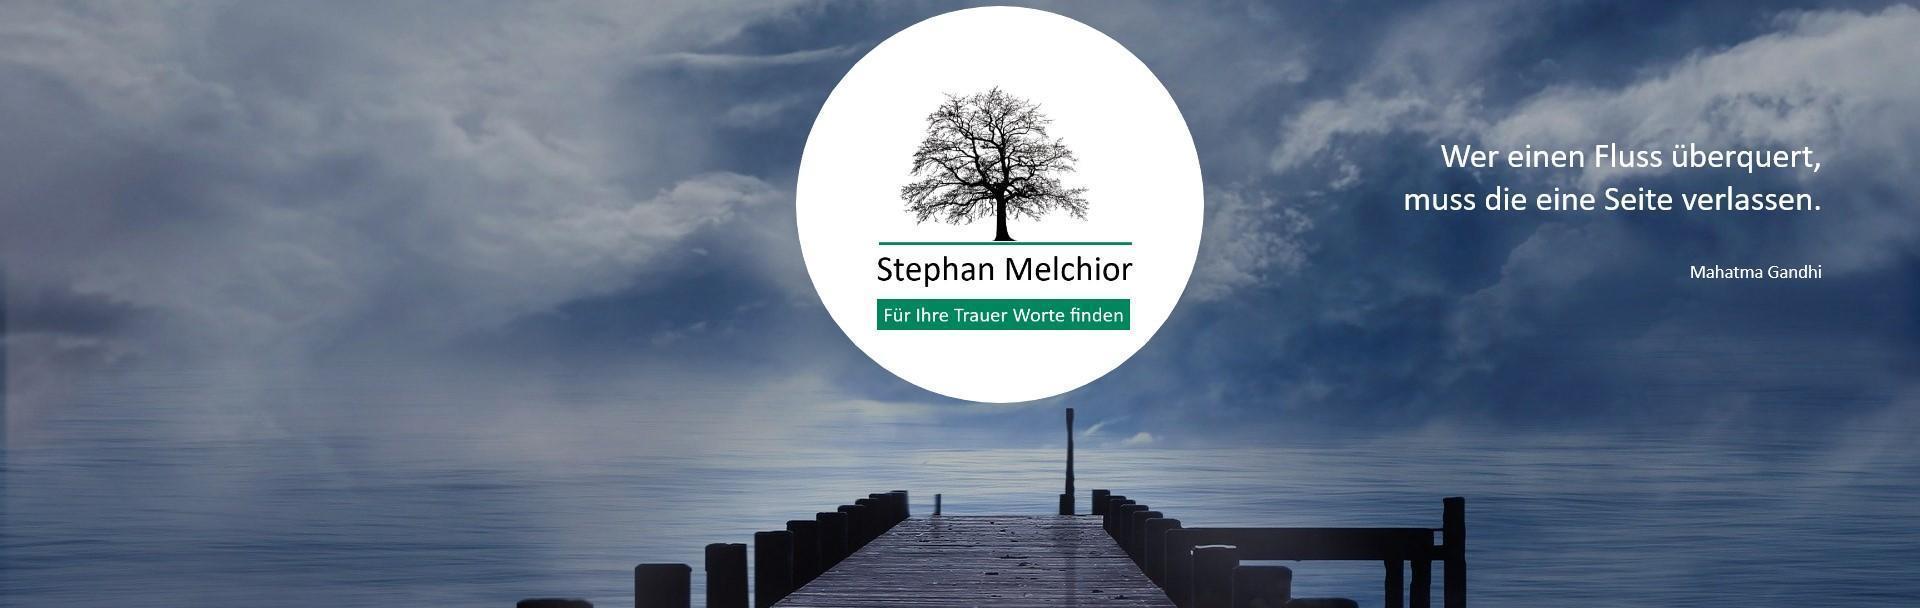 Stephan Melchior Logo